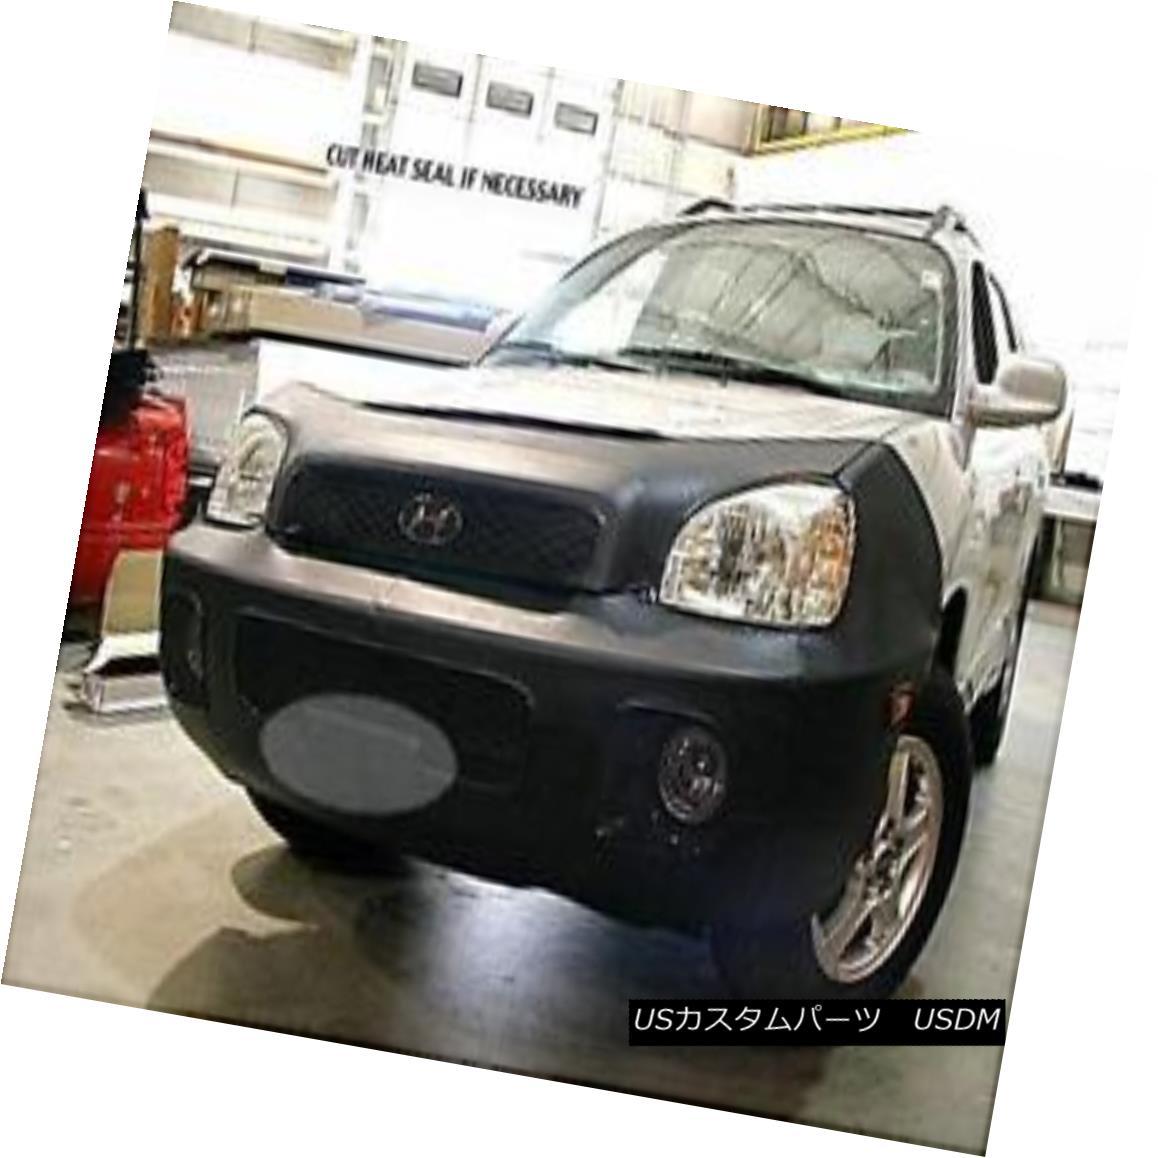 フルブラ ノーズブラ Lebra Front End Mask Cover Bra Fits 2001-2004 Hyundai Santa Fe Lebraフロントエンドマスクカバーブラは2001-2004 Hyundai Santa Feに適合